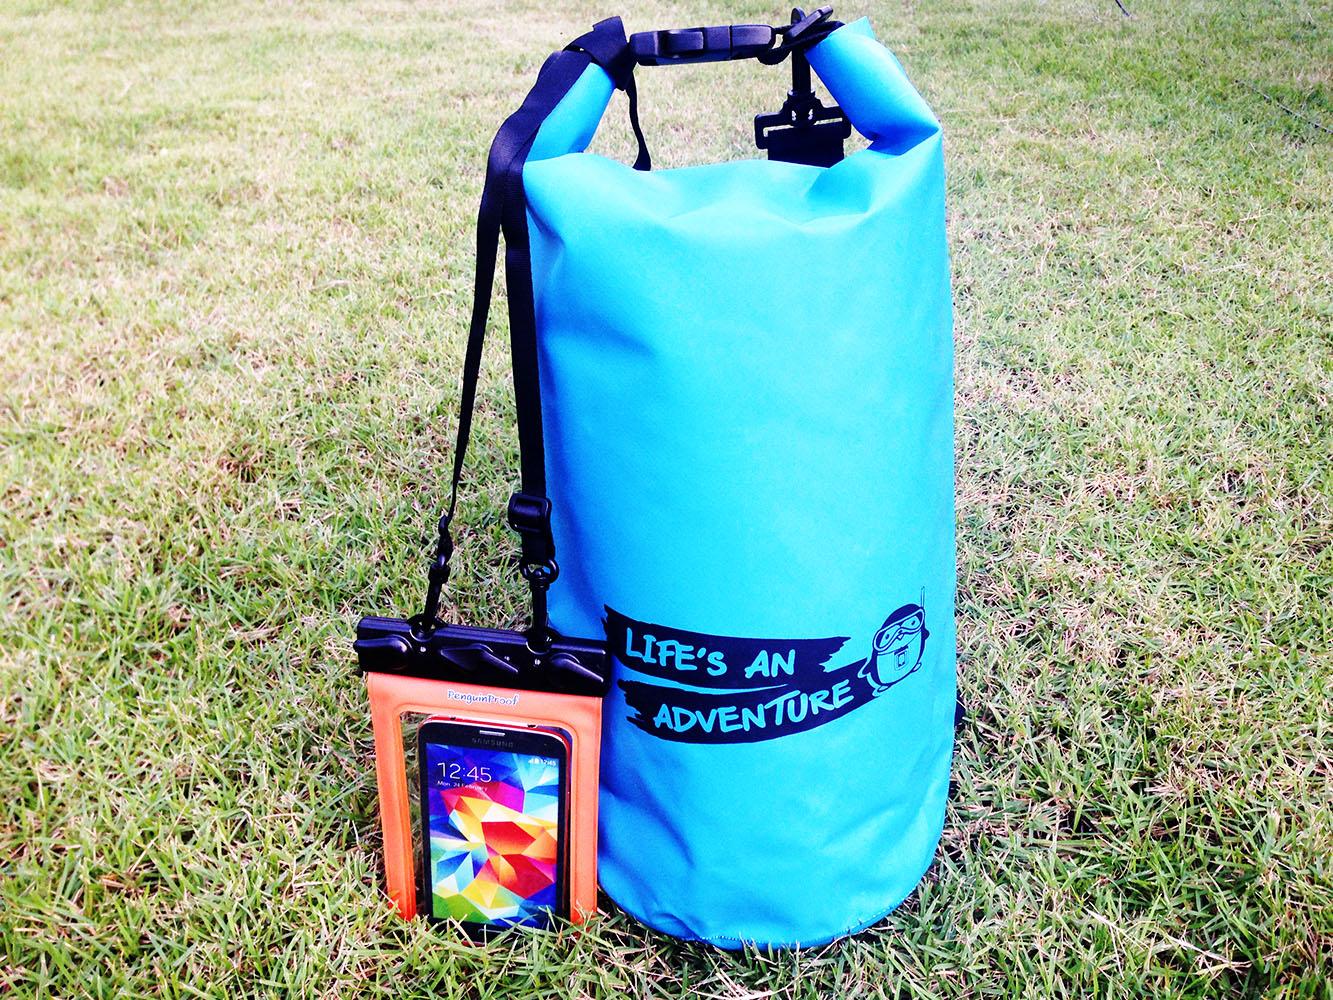 ชุด Set ซองกันน้ำมือถือใหญ่ (5.5 นิ้ว) สีส้ม + กระเป๋ากันน้ำ Penguin Bag ขนาด 10 ลิตร